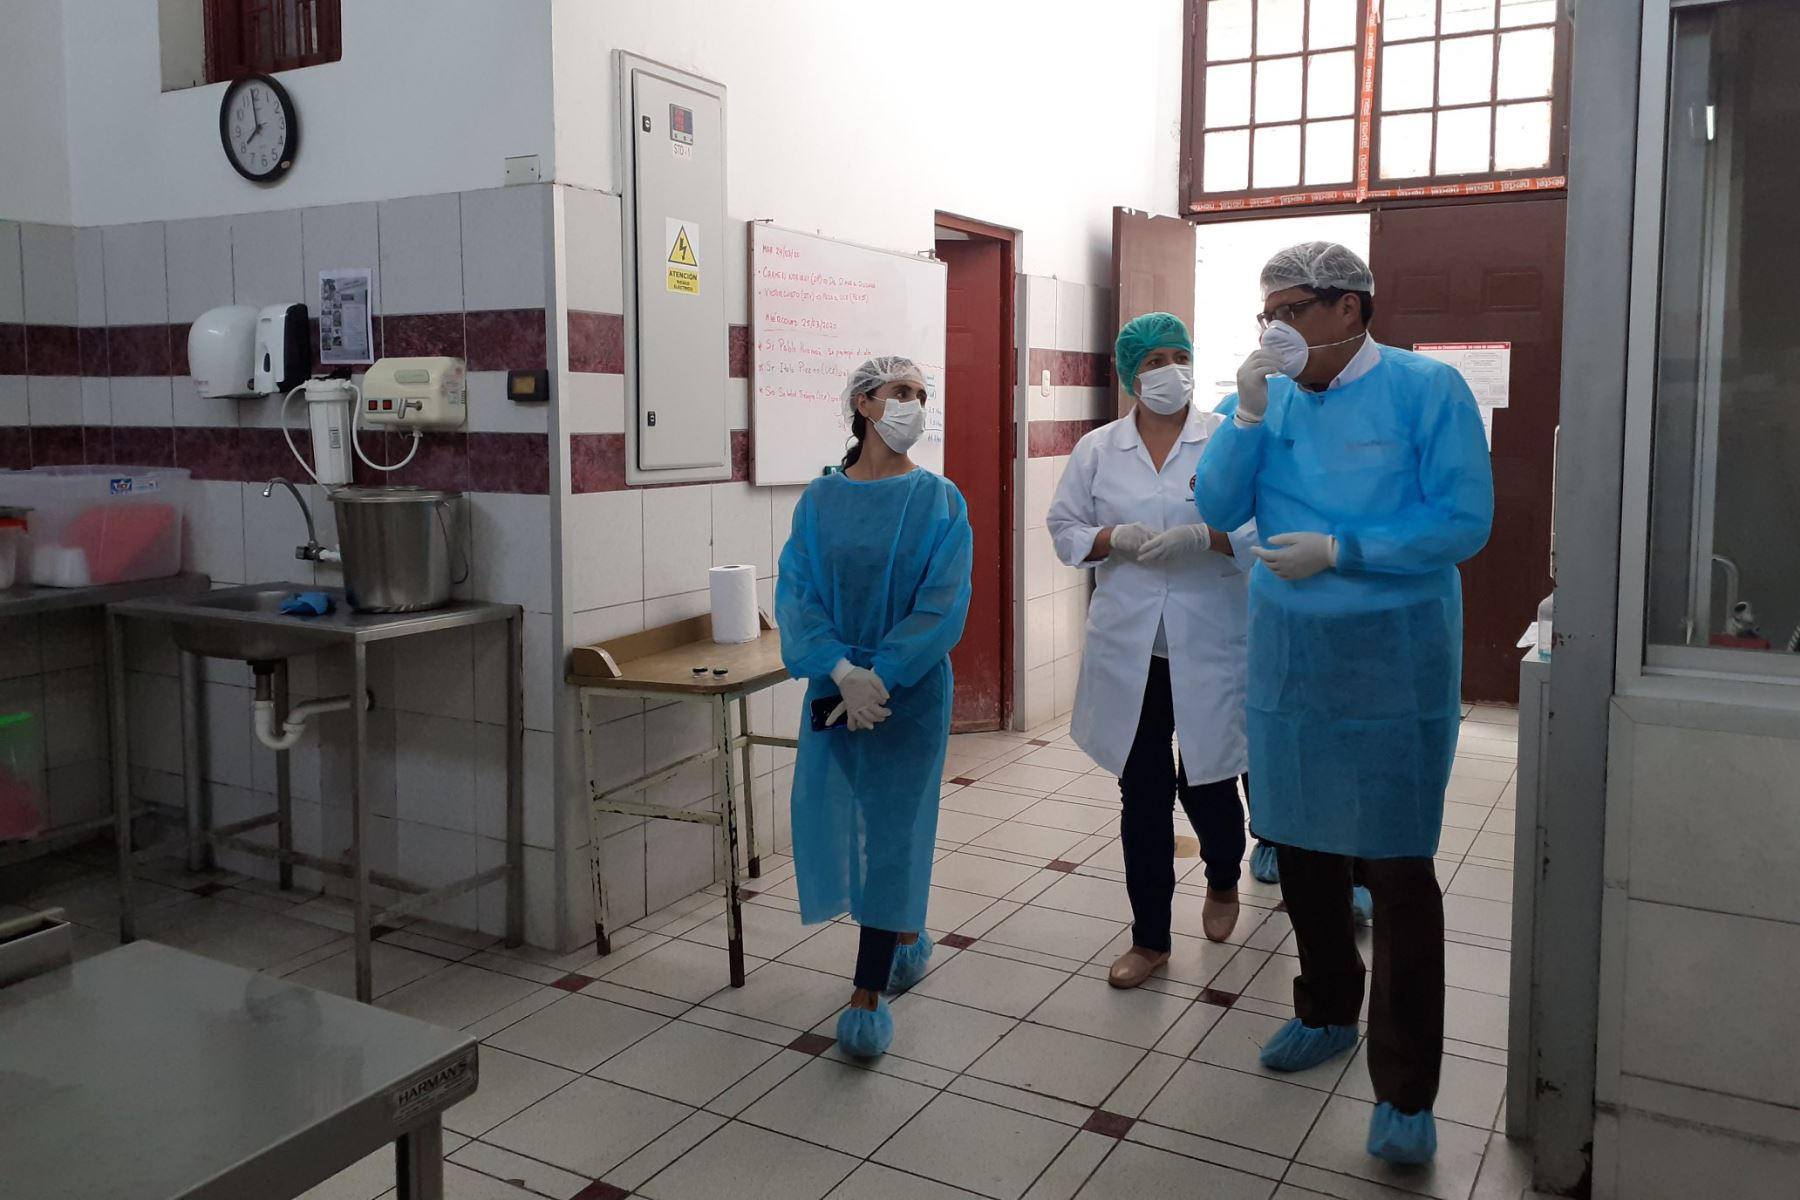 Jefe del Gabinete Ministerial, Vicente Zeballos felicita a los profesionales de la salud, que laboran en el Hogar San Vicente de Paul de la Beneficiencia de Lima  ante la propagación del COVID-19.  Foto: PCM